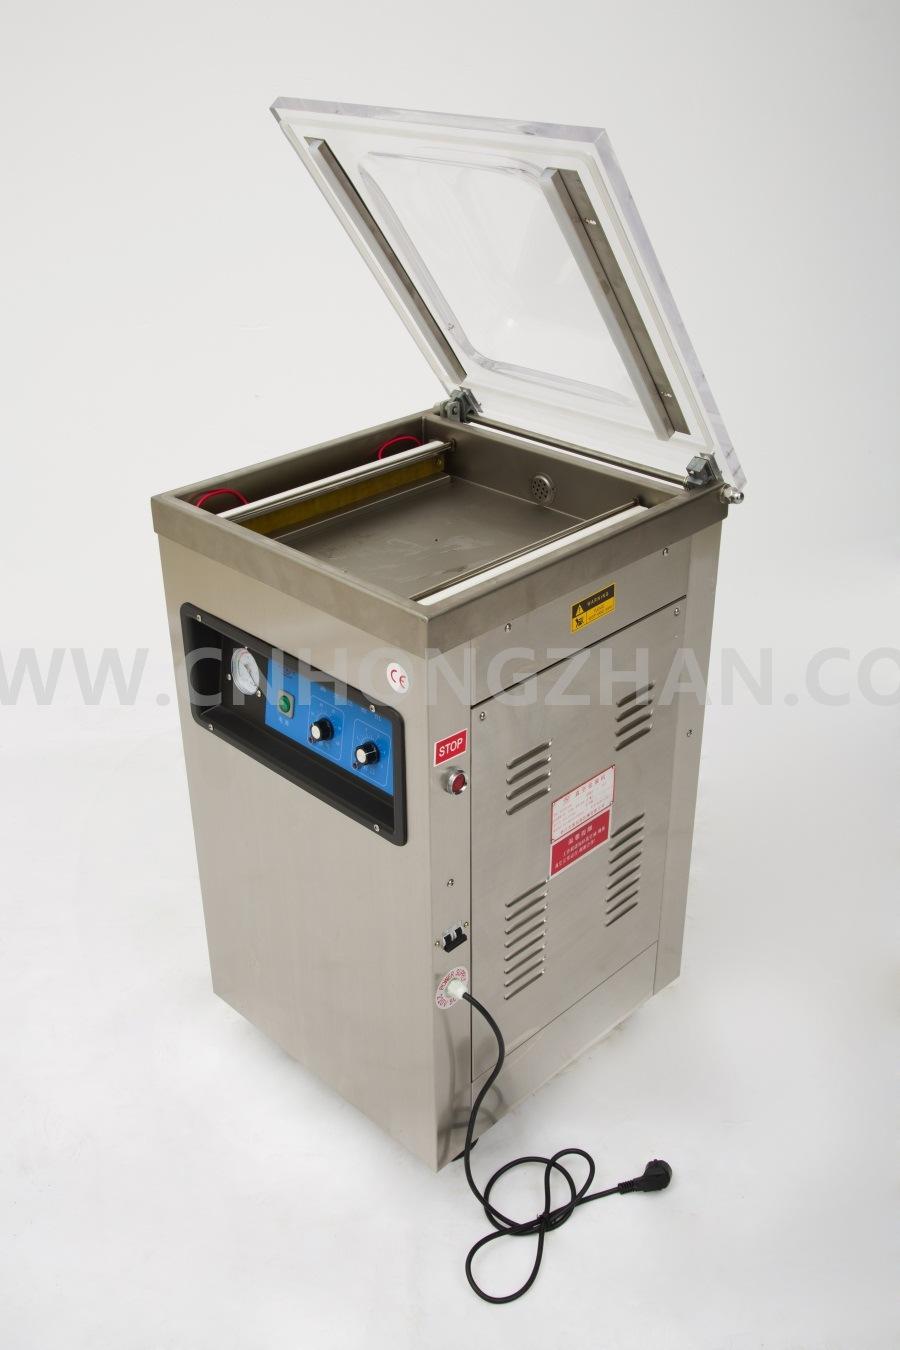 Hongzhan Dz4002D Stand Operate Vacuum Packing Machine